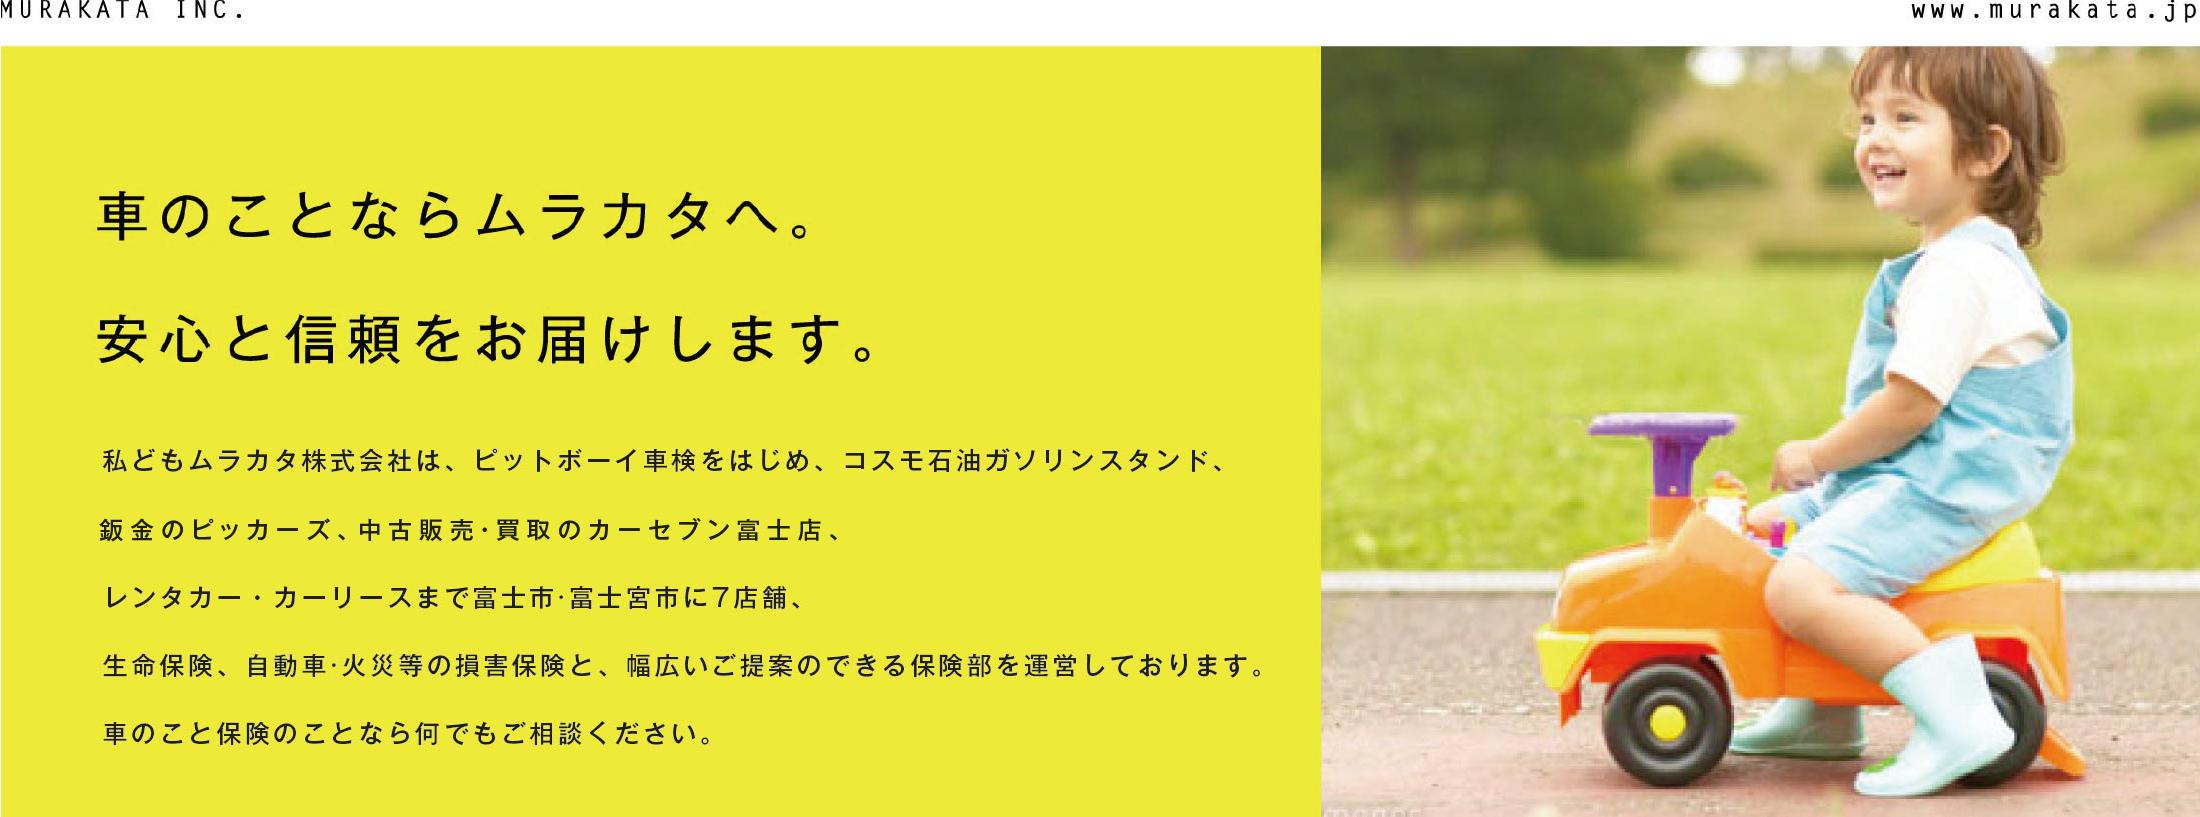 ムラカタ株式会社・ピットボーイ車検